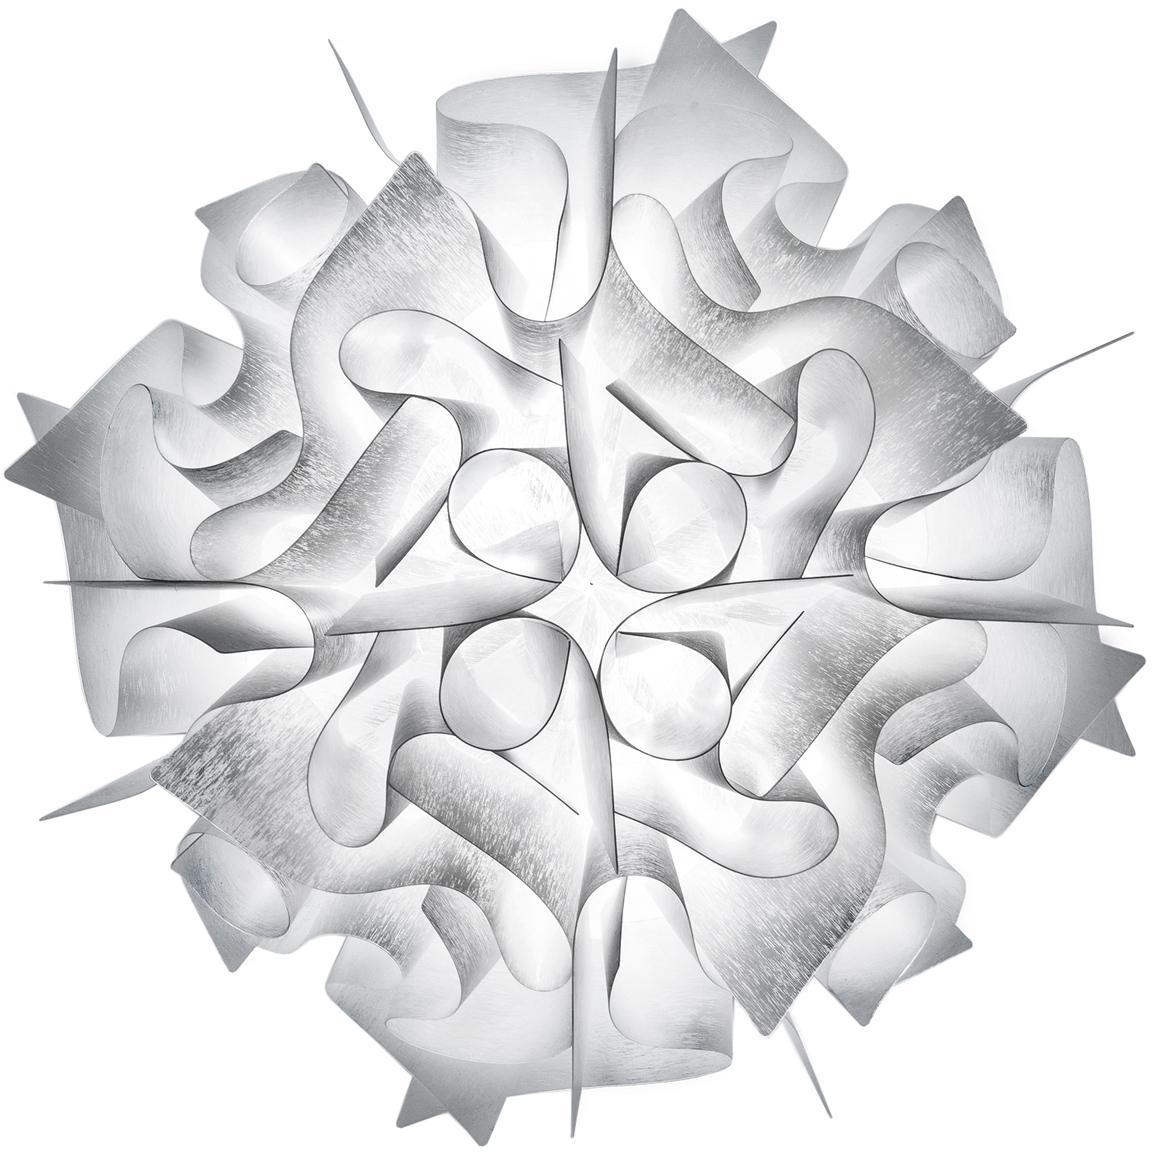 Lampada da parete e soffitto Veli Mini, Tecnopolimero Opalflex®, riciclabile, infrangibile, flessibile, con rivestimento antistatico, resistente ai raggi UV e al calore, Bianco, Ø 32 x Prof. 15 cm